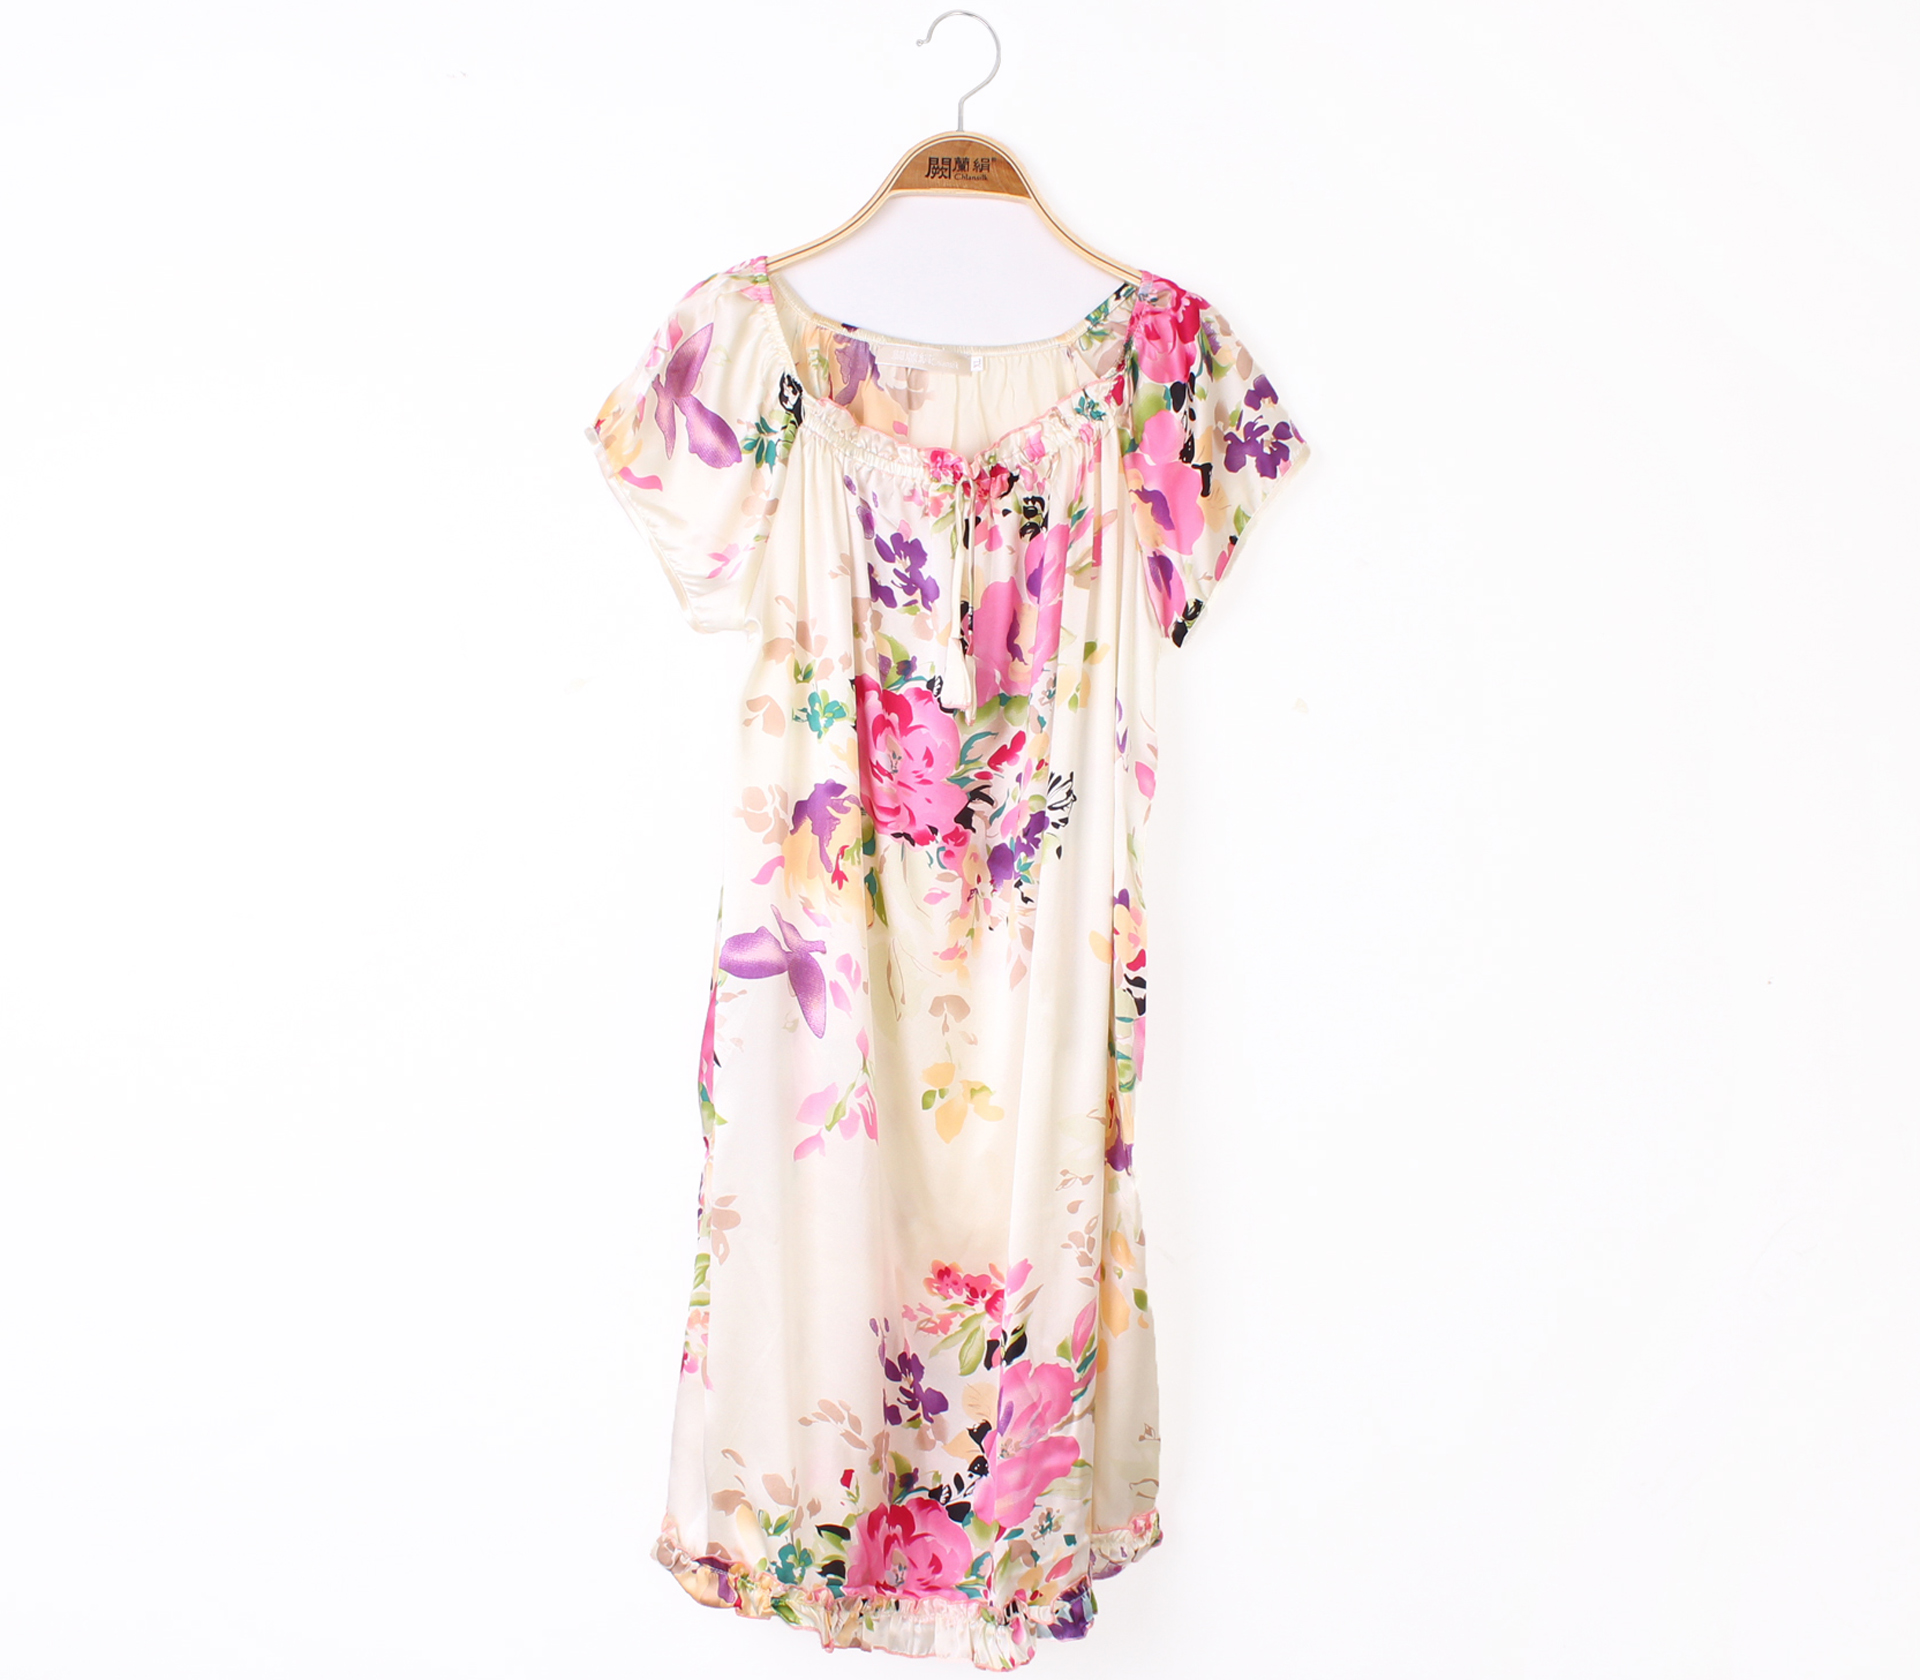 闕蘭絹南法風情印花輕盈舒適100%蠶絲連身睡衣